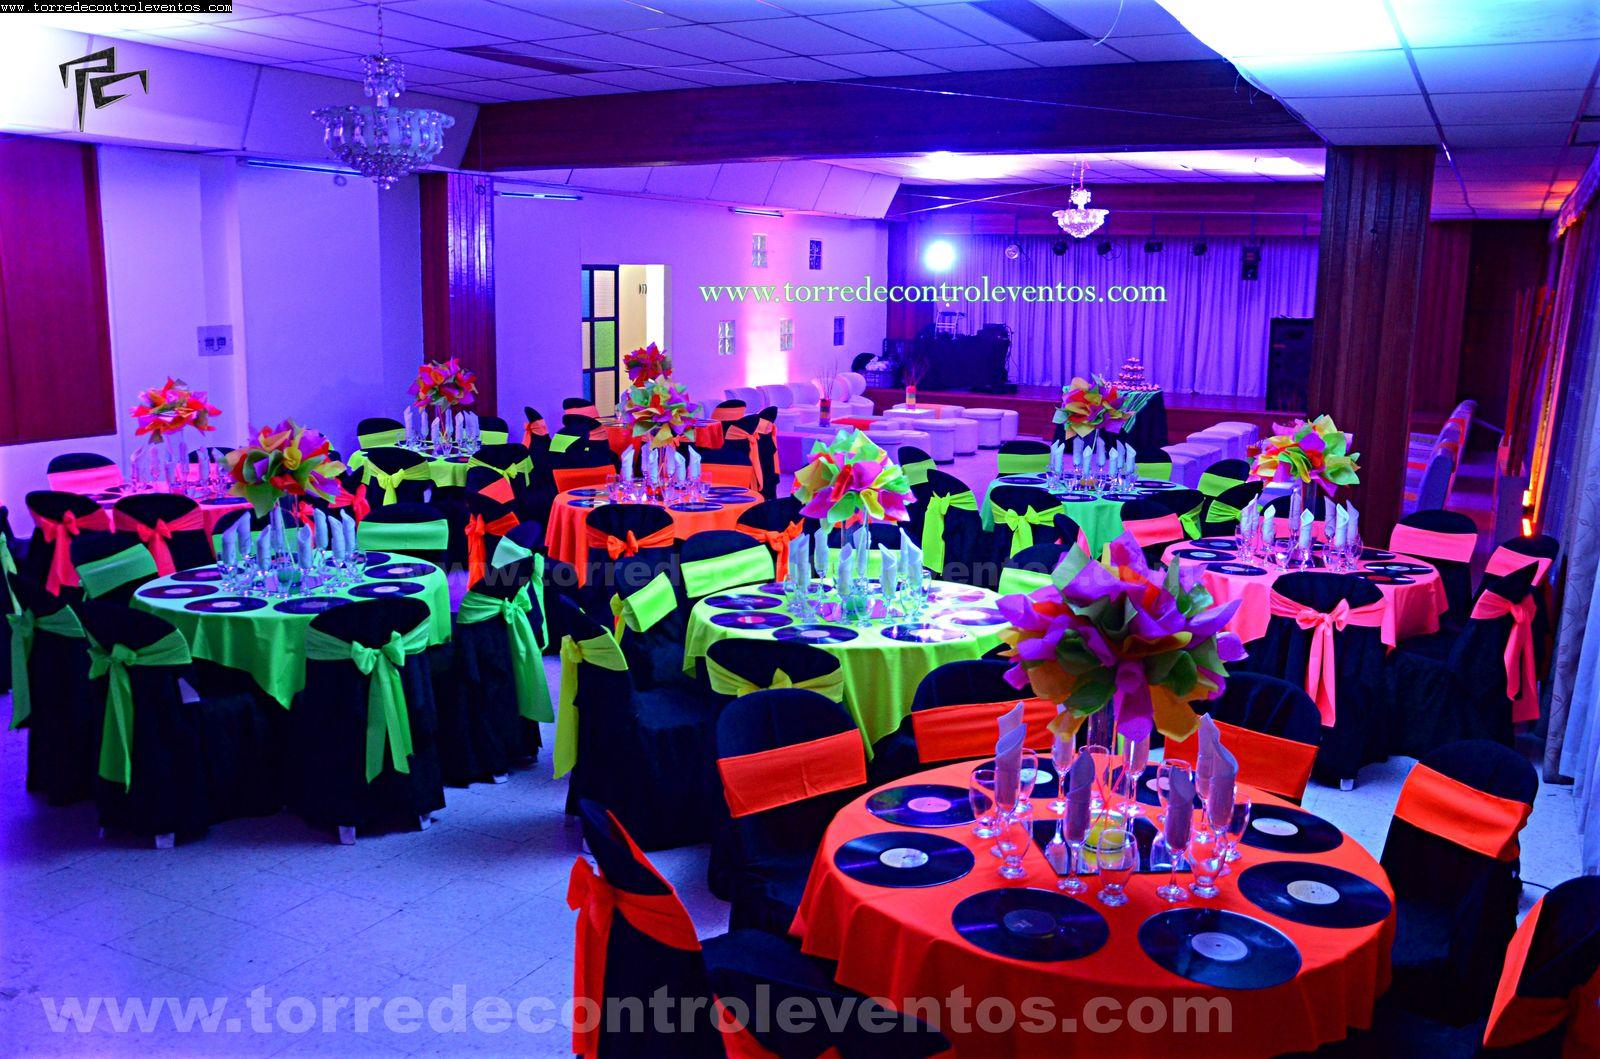 fiesta tematica para quince a os bogota salon y hacienda